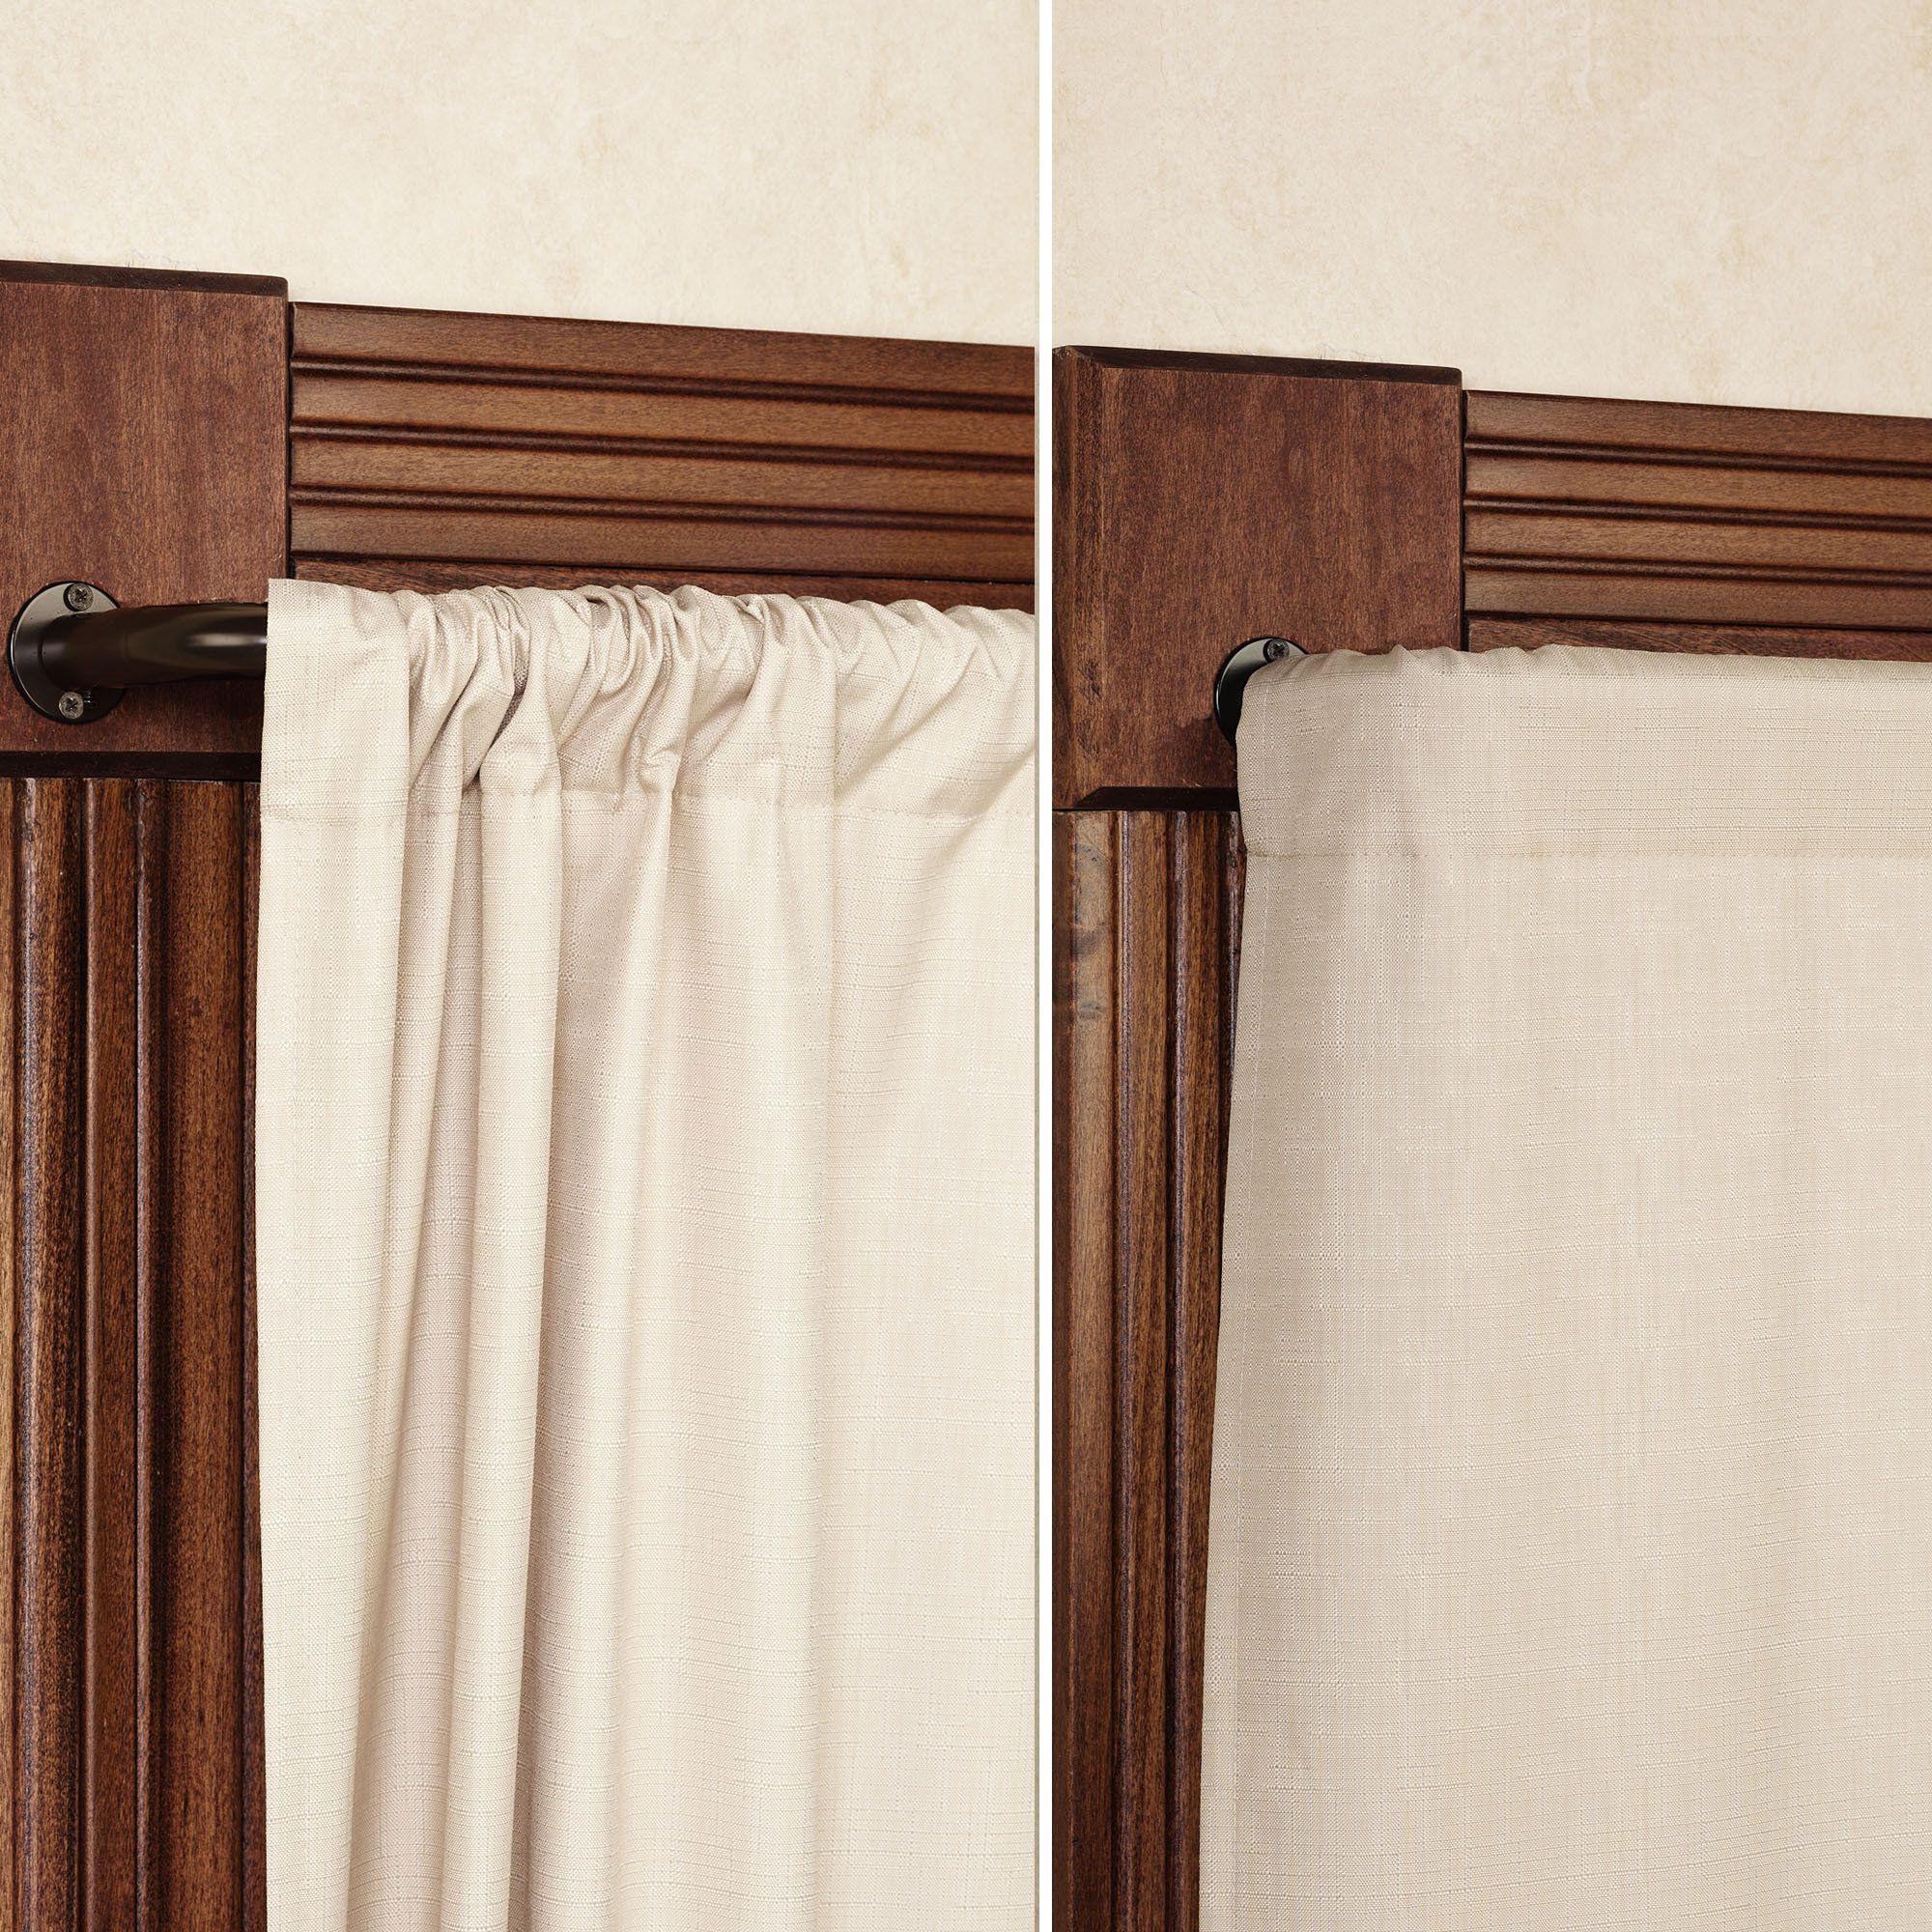 Blockaide Wrap Around Curtain Rod Wrap Around Curtain Rod